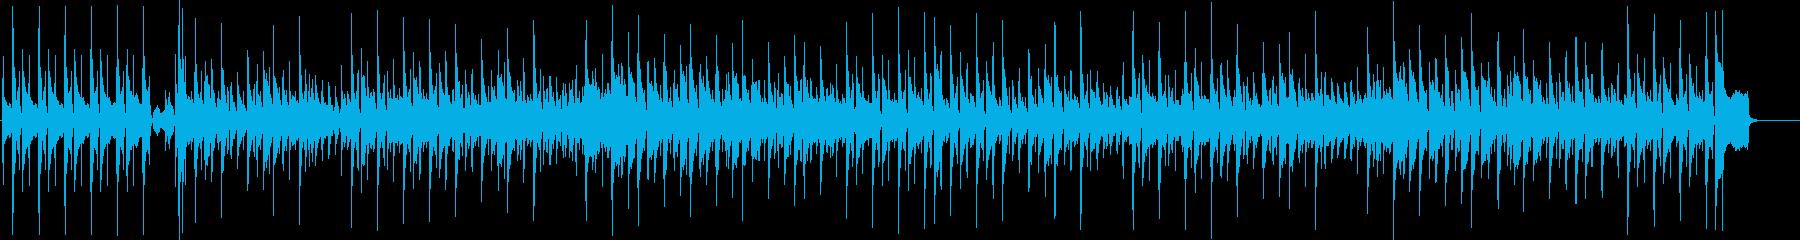 ボレロキッチュ。 80年代。の再生済みの波形